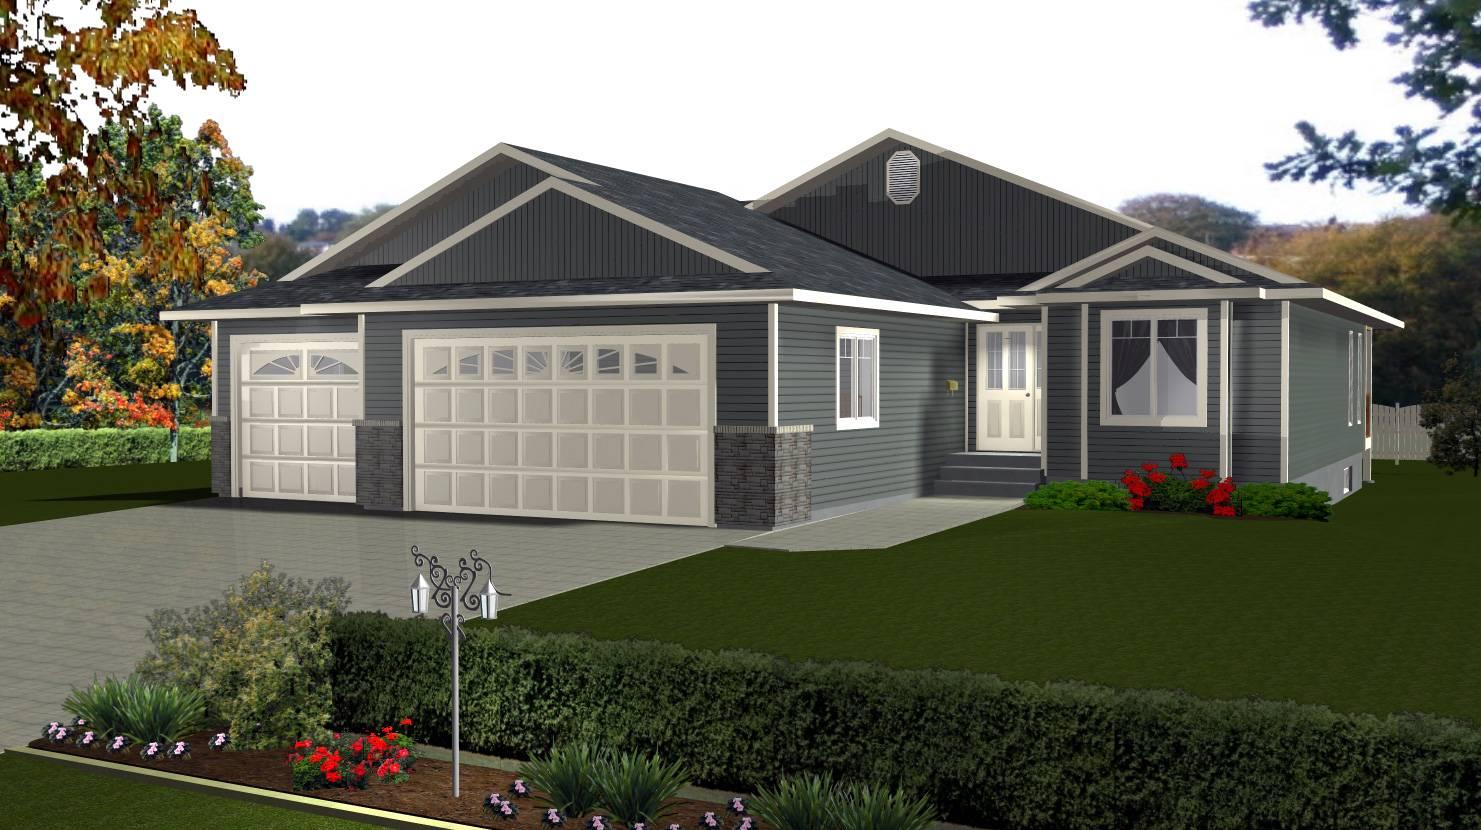 Ranch House Plans Terrific Building Plan Arrangement